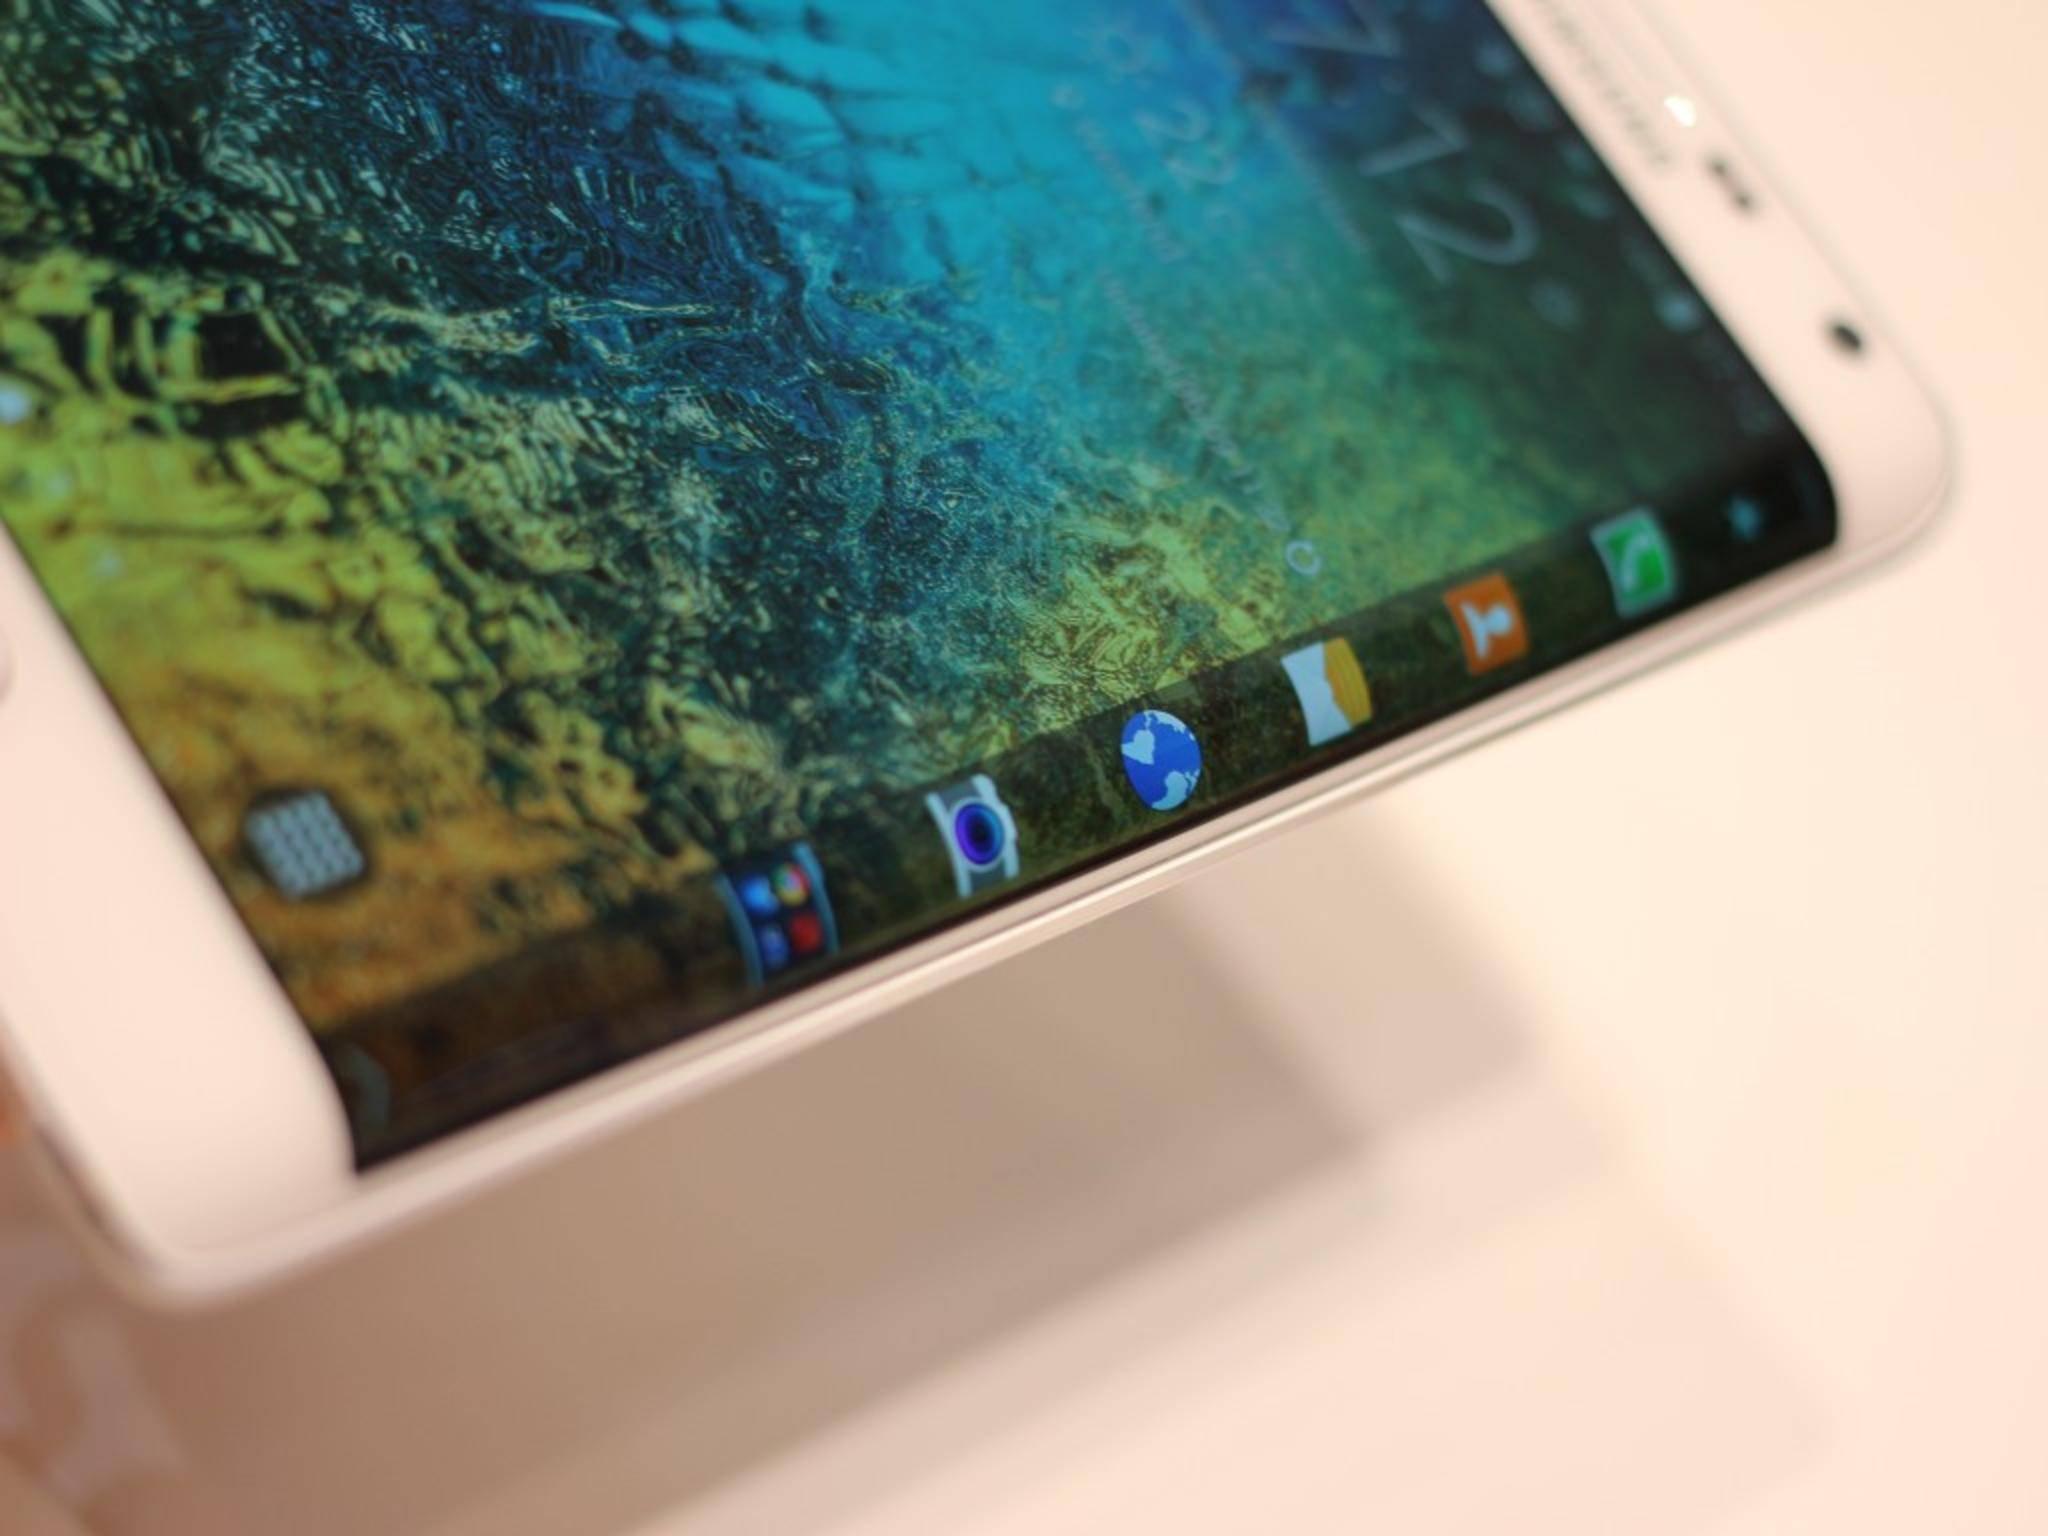 Auch das kommende Galaxy S6 soll es mit Edge-Display geben.